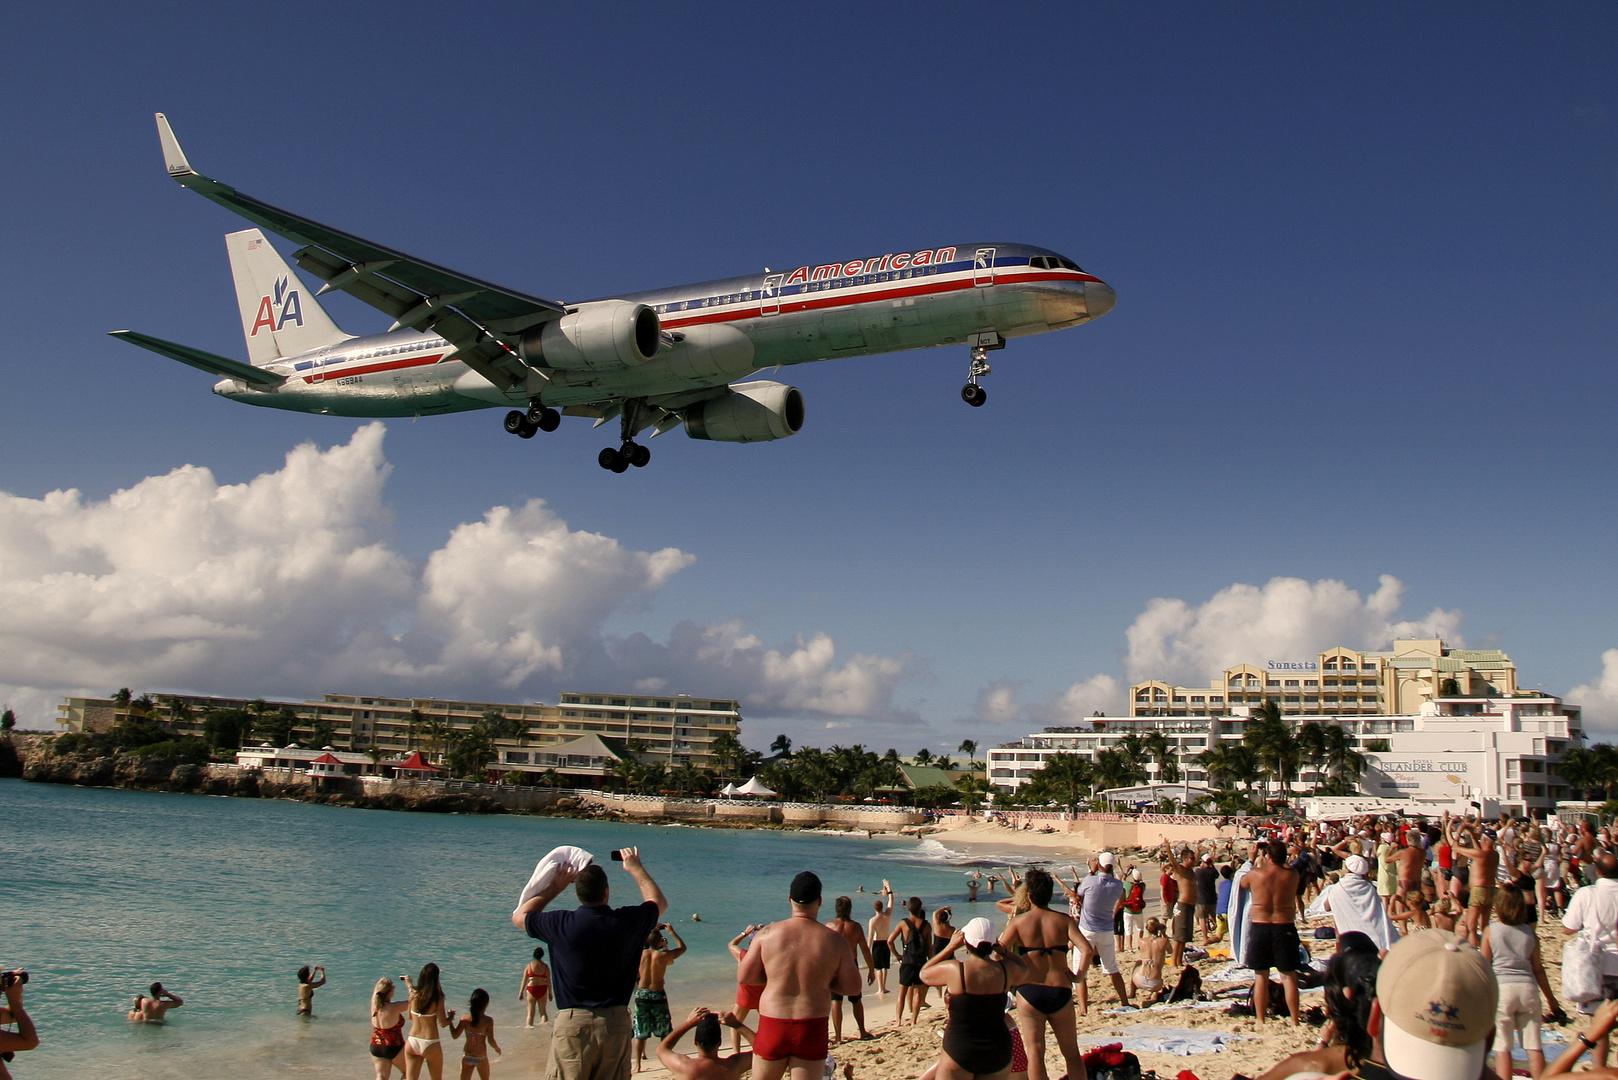 N669AA aus Miami im Anflug auf St. Maarten